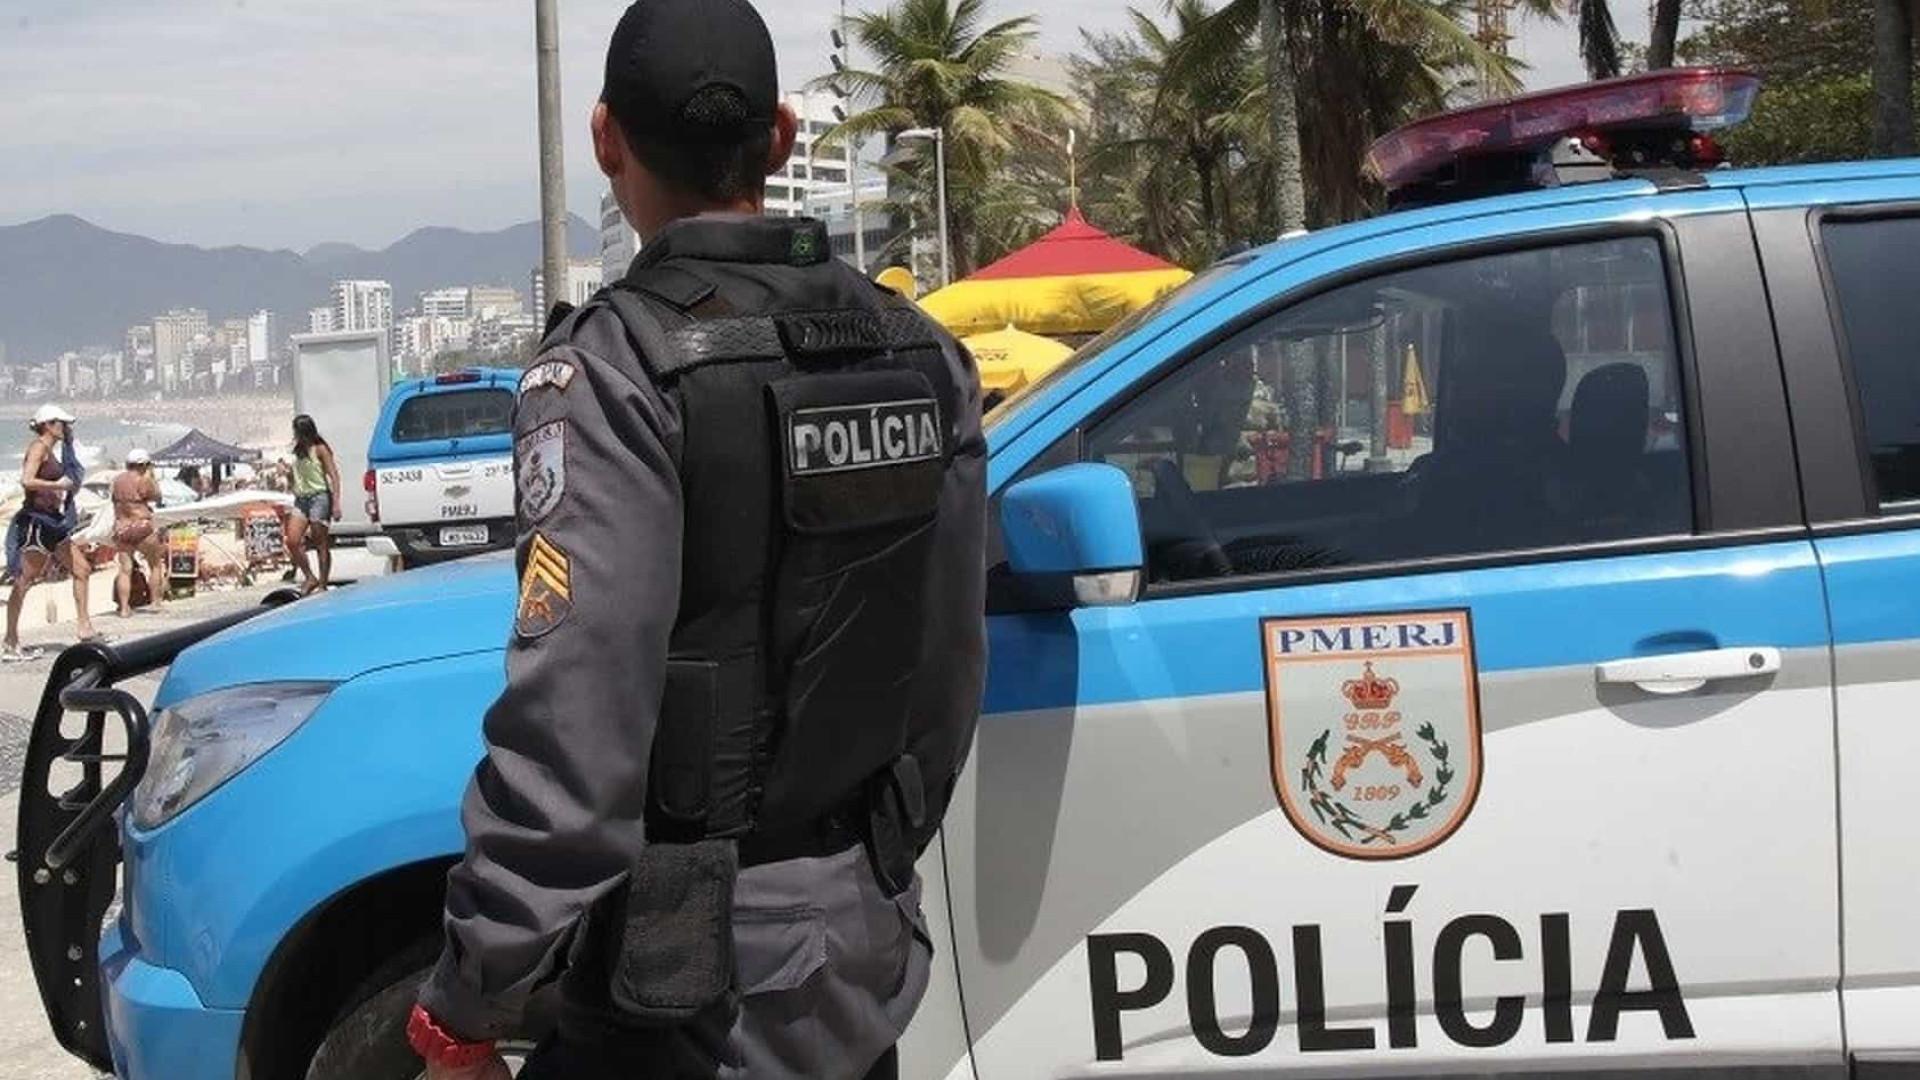 Polícia prende suspeitos que queriam invadir jogo do Flamengo